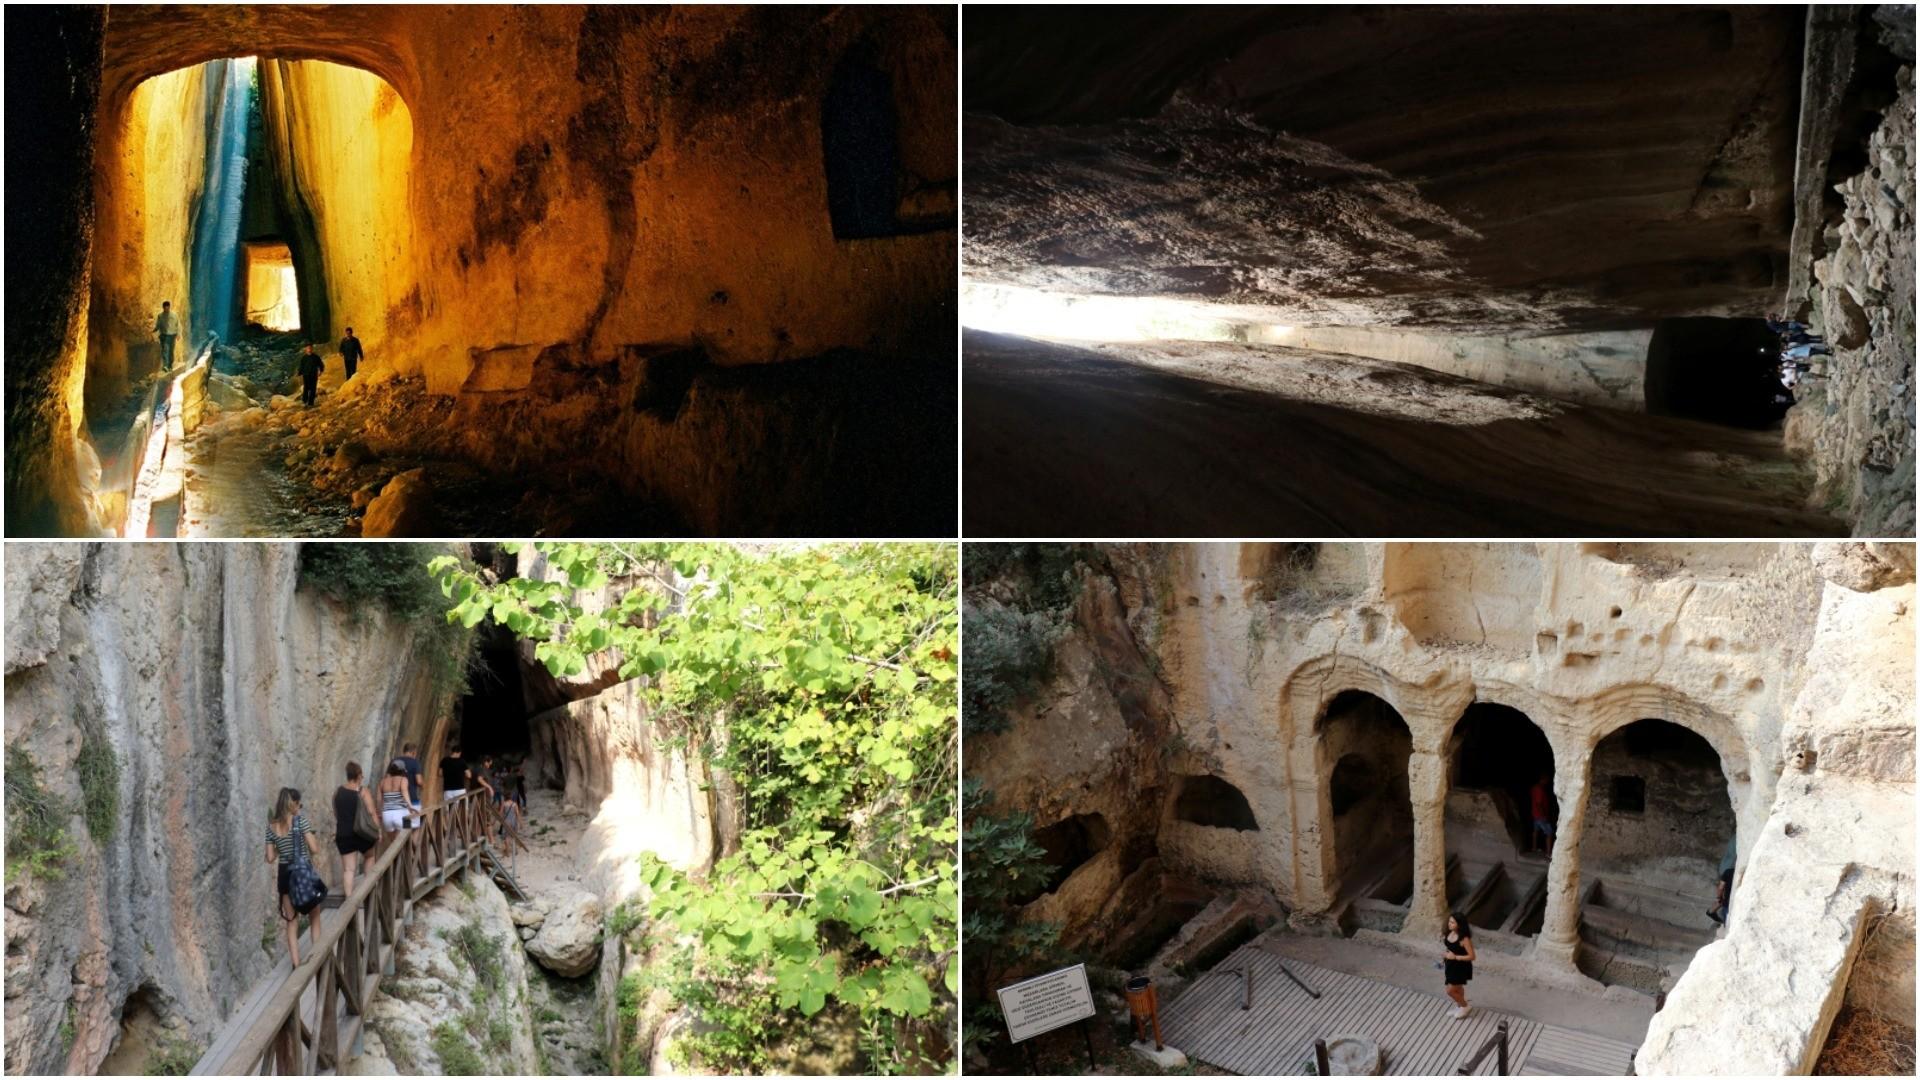 The Vespasinaus Titus tunnel. (AA/FILE Photos)